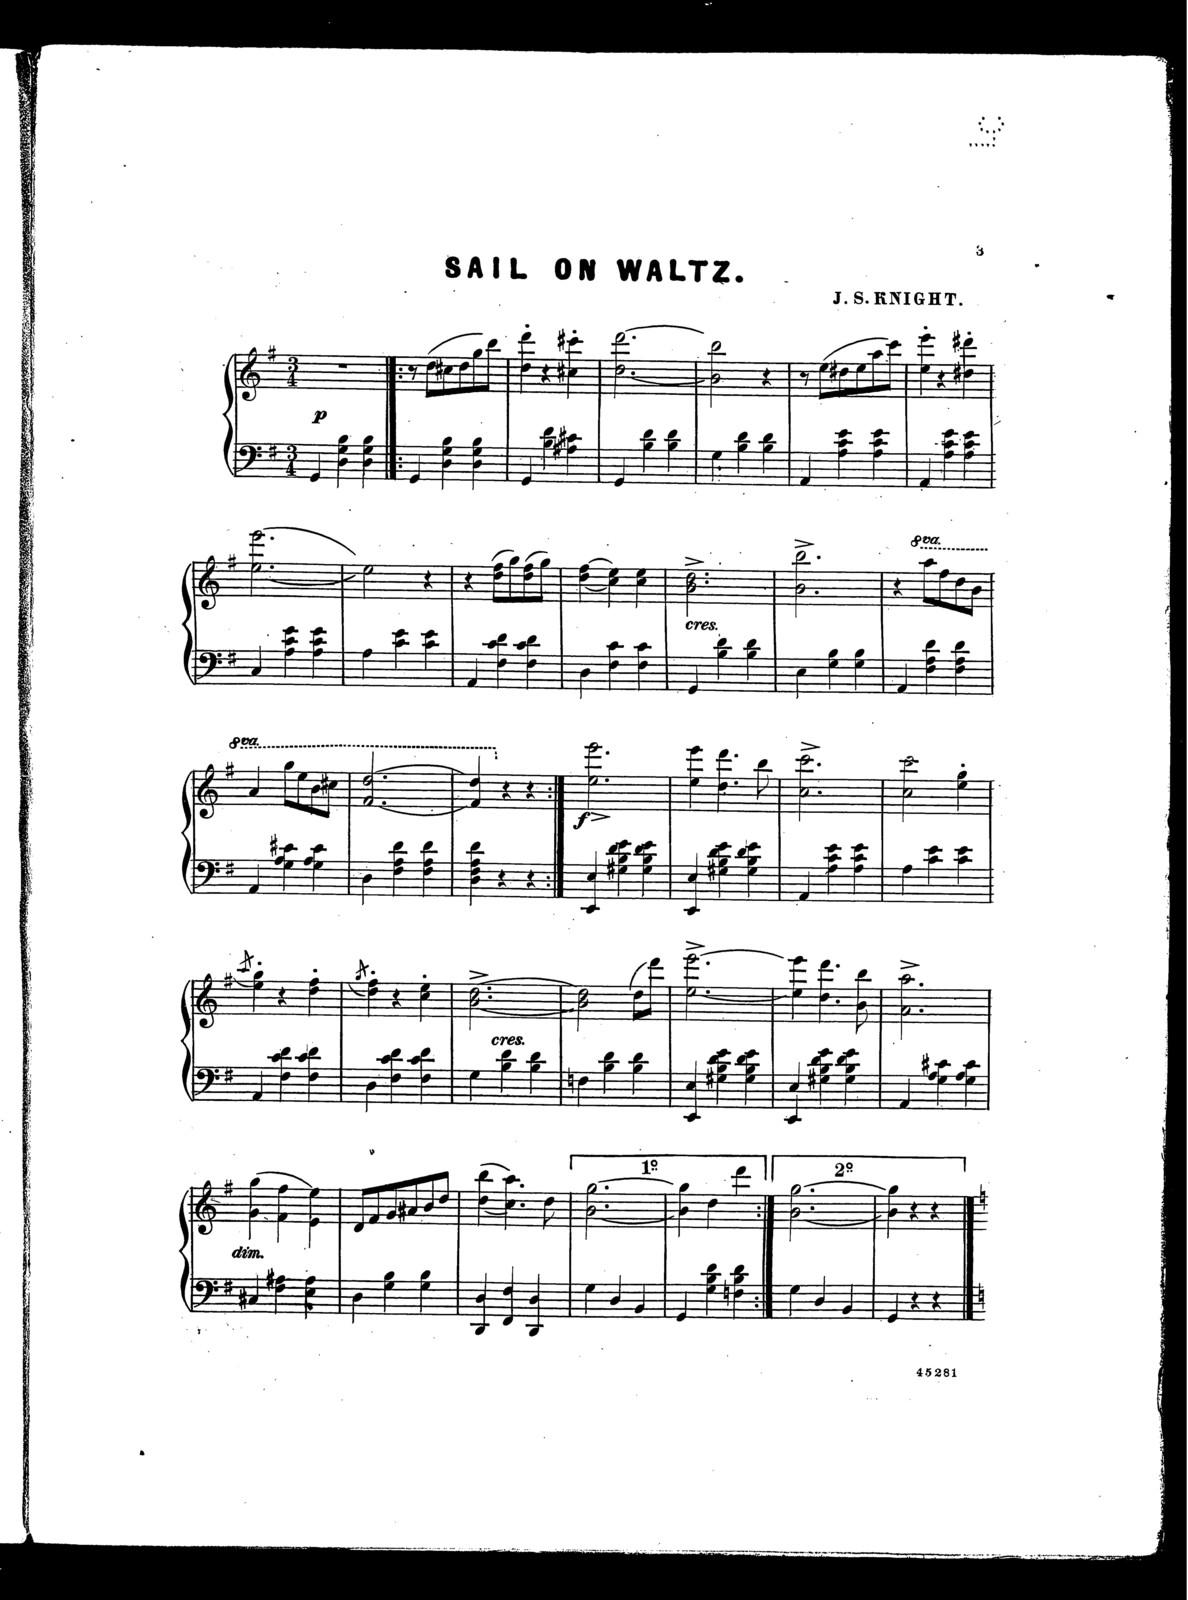 Sail on waltz